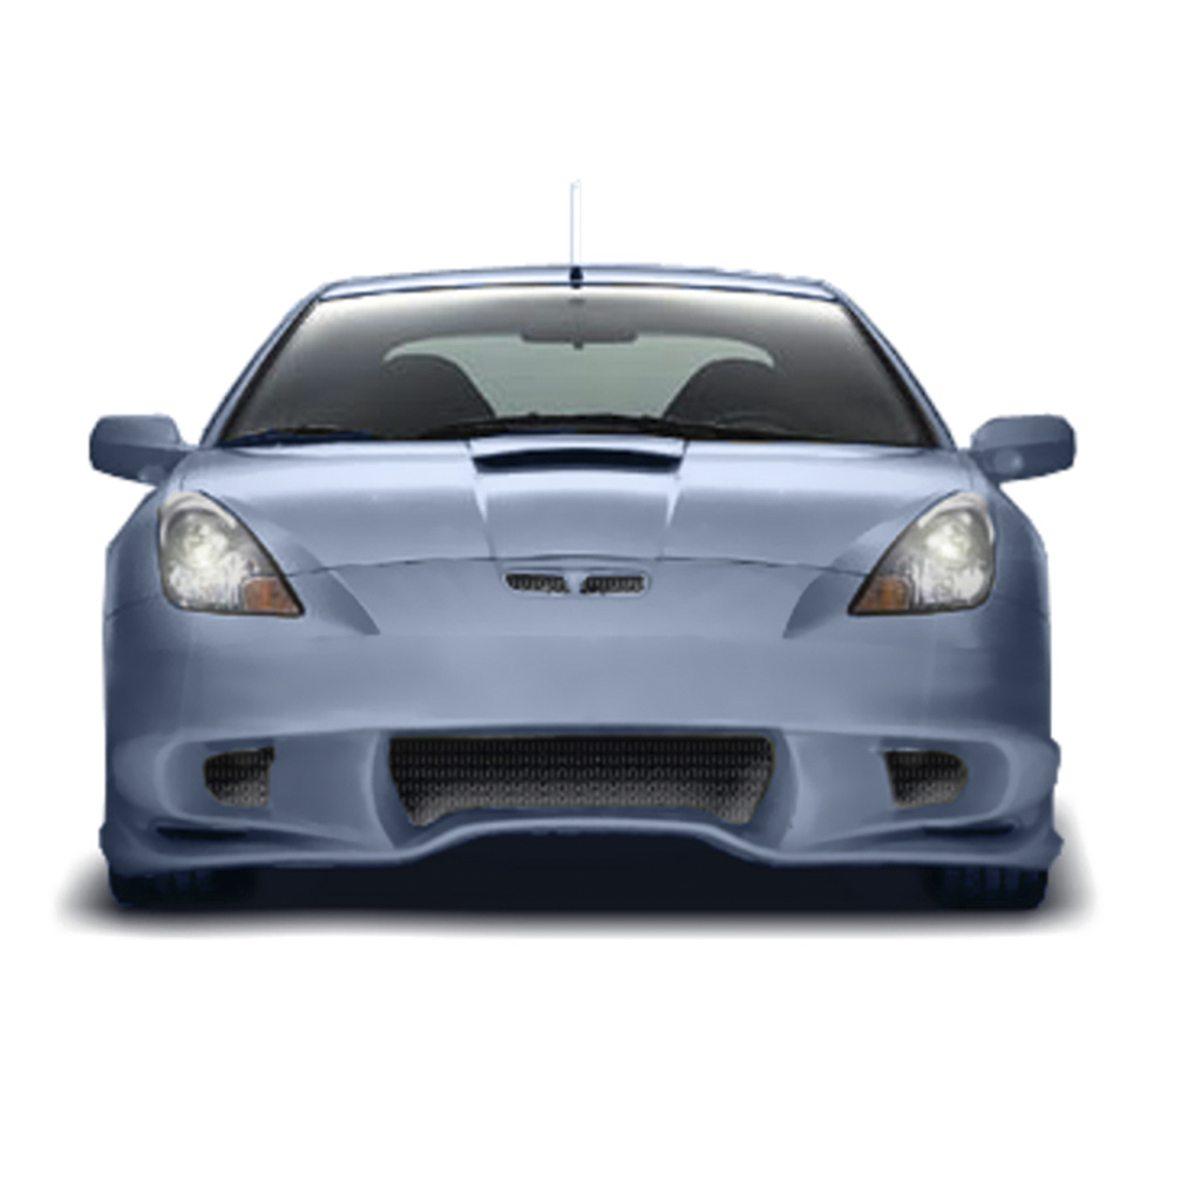 Toyota-Celica-00-Radikal-Frt-PCA133